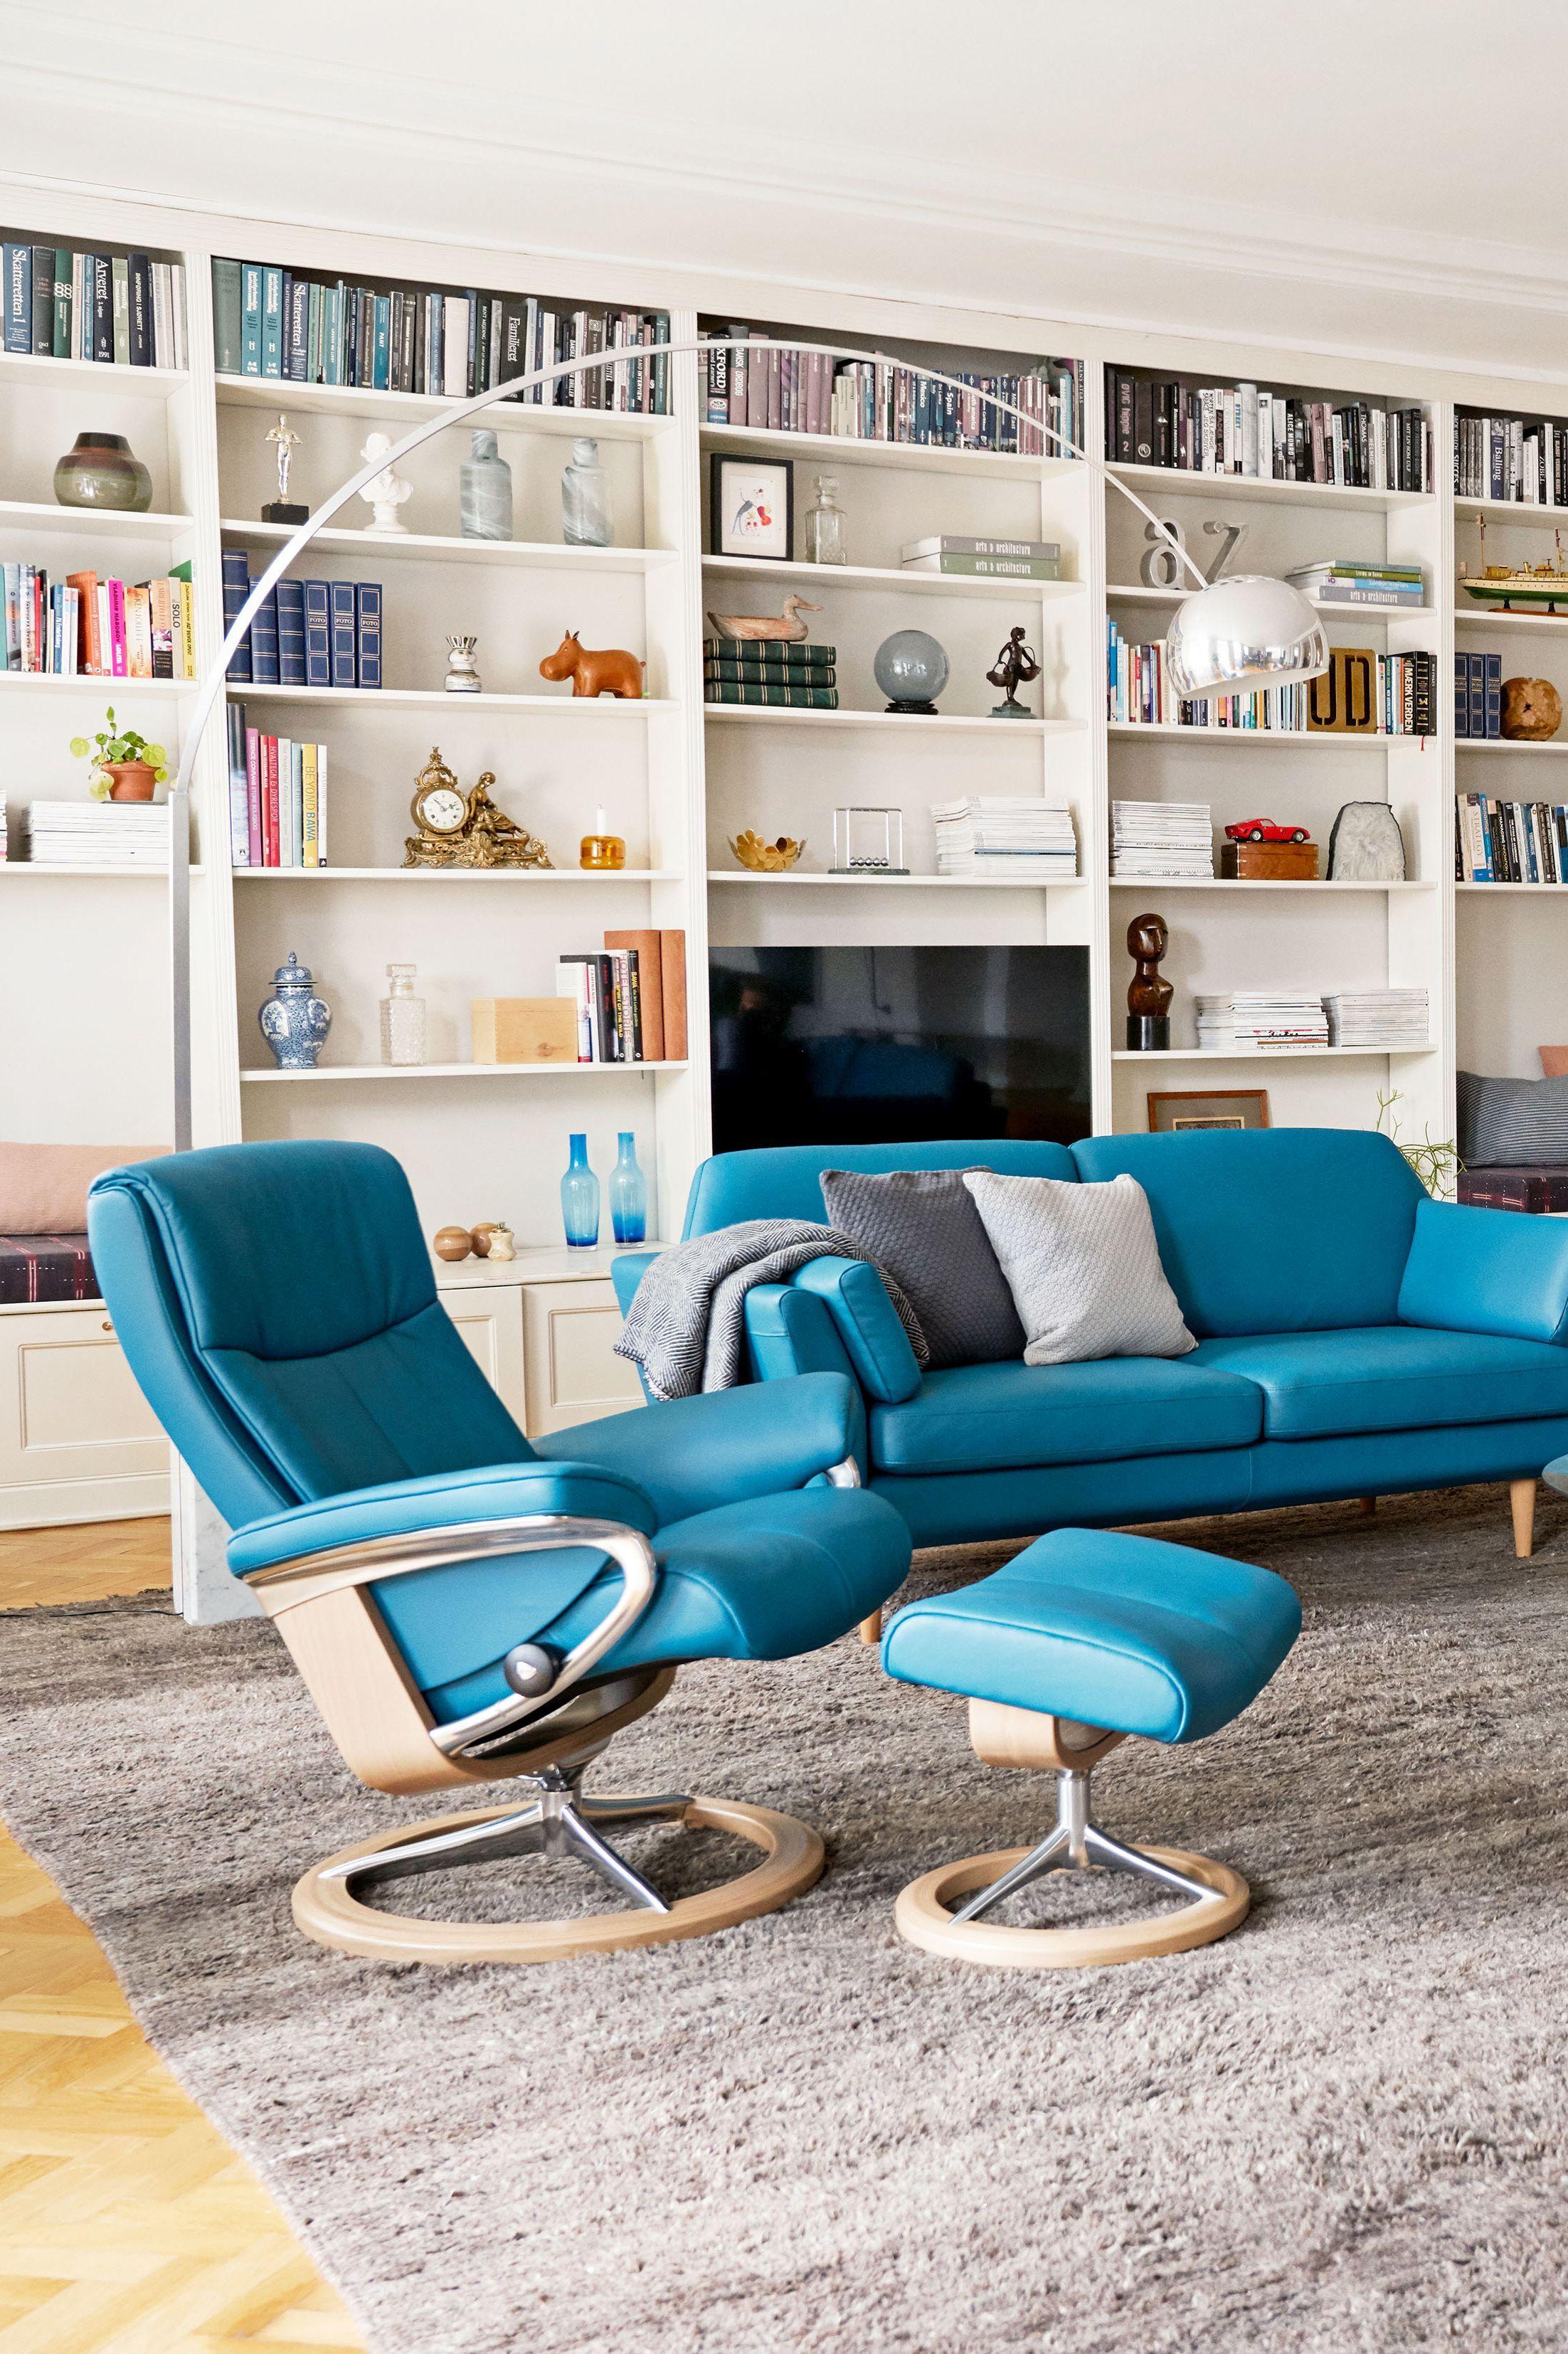 6 Tipps Wenn Sie Einen Sessel Kaufen Sessel Kaufen Gemutlicher Sessel Und Wohnen